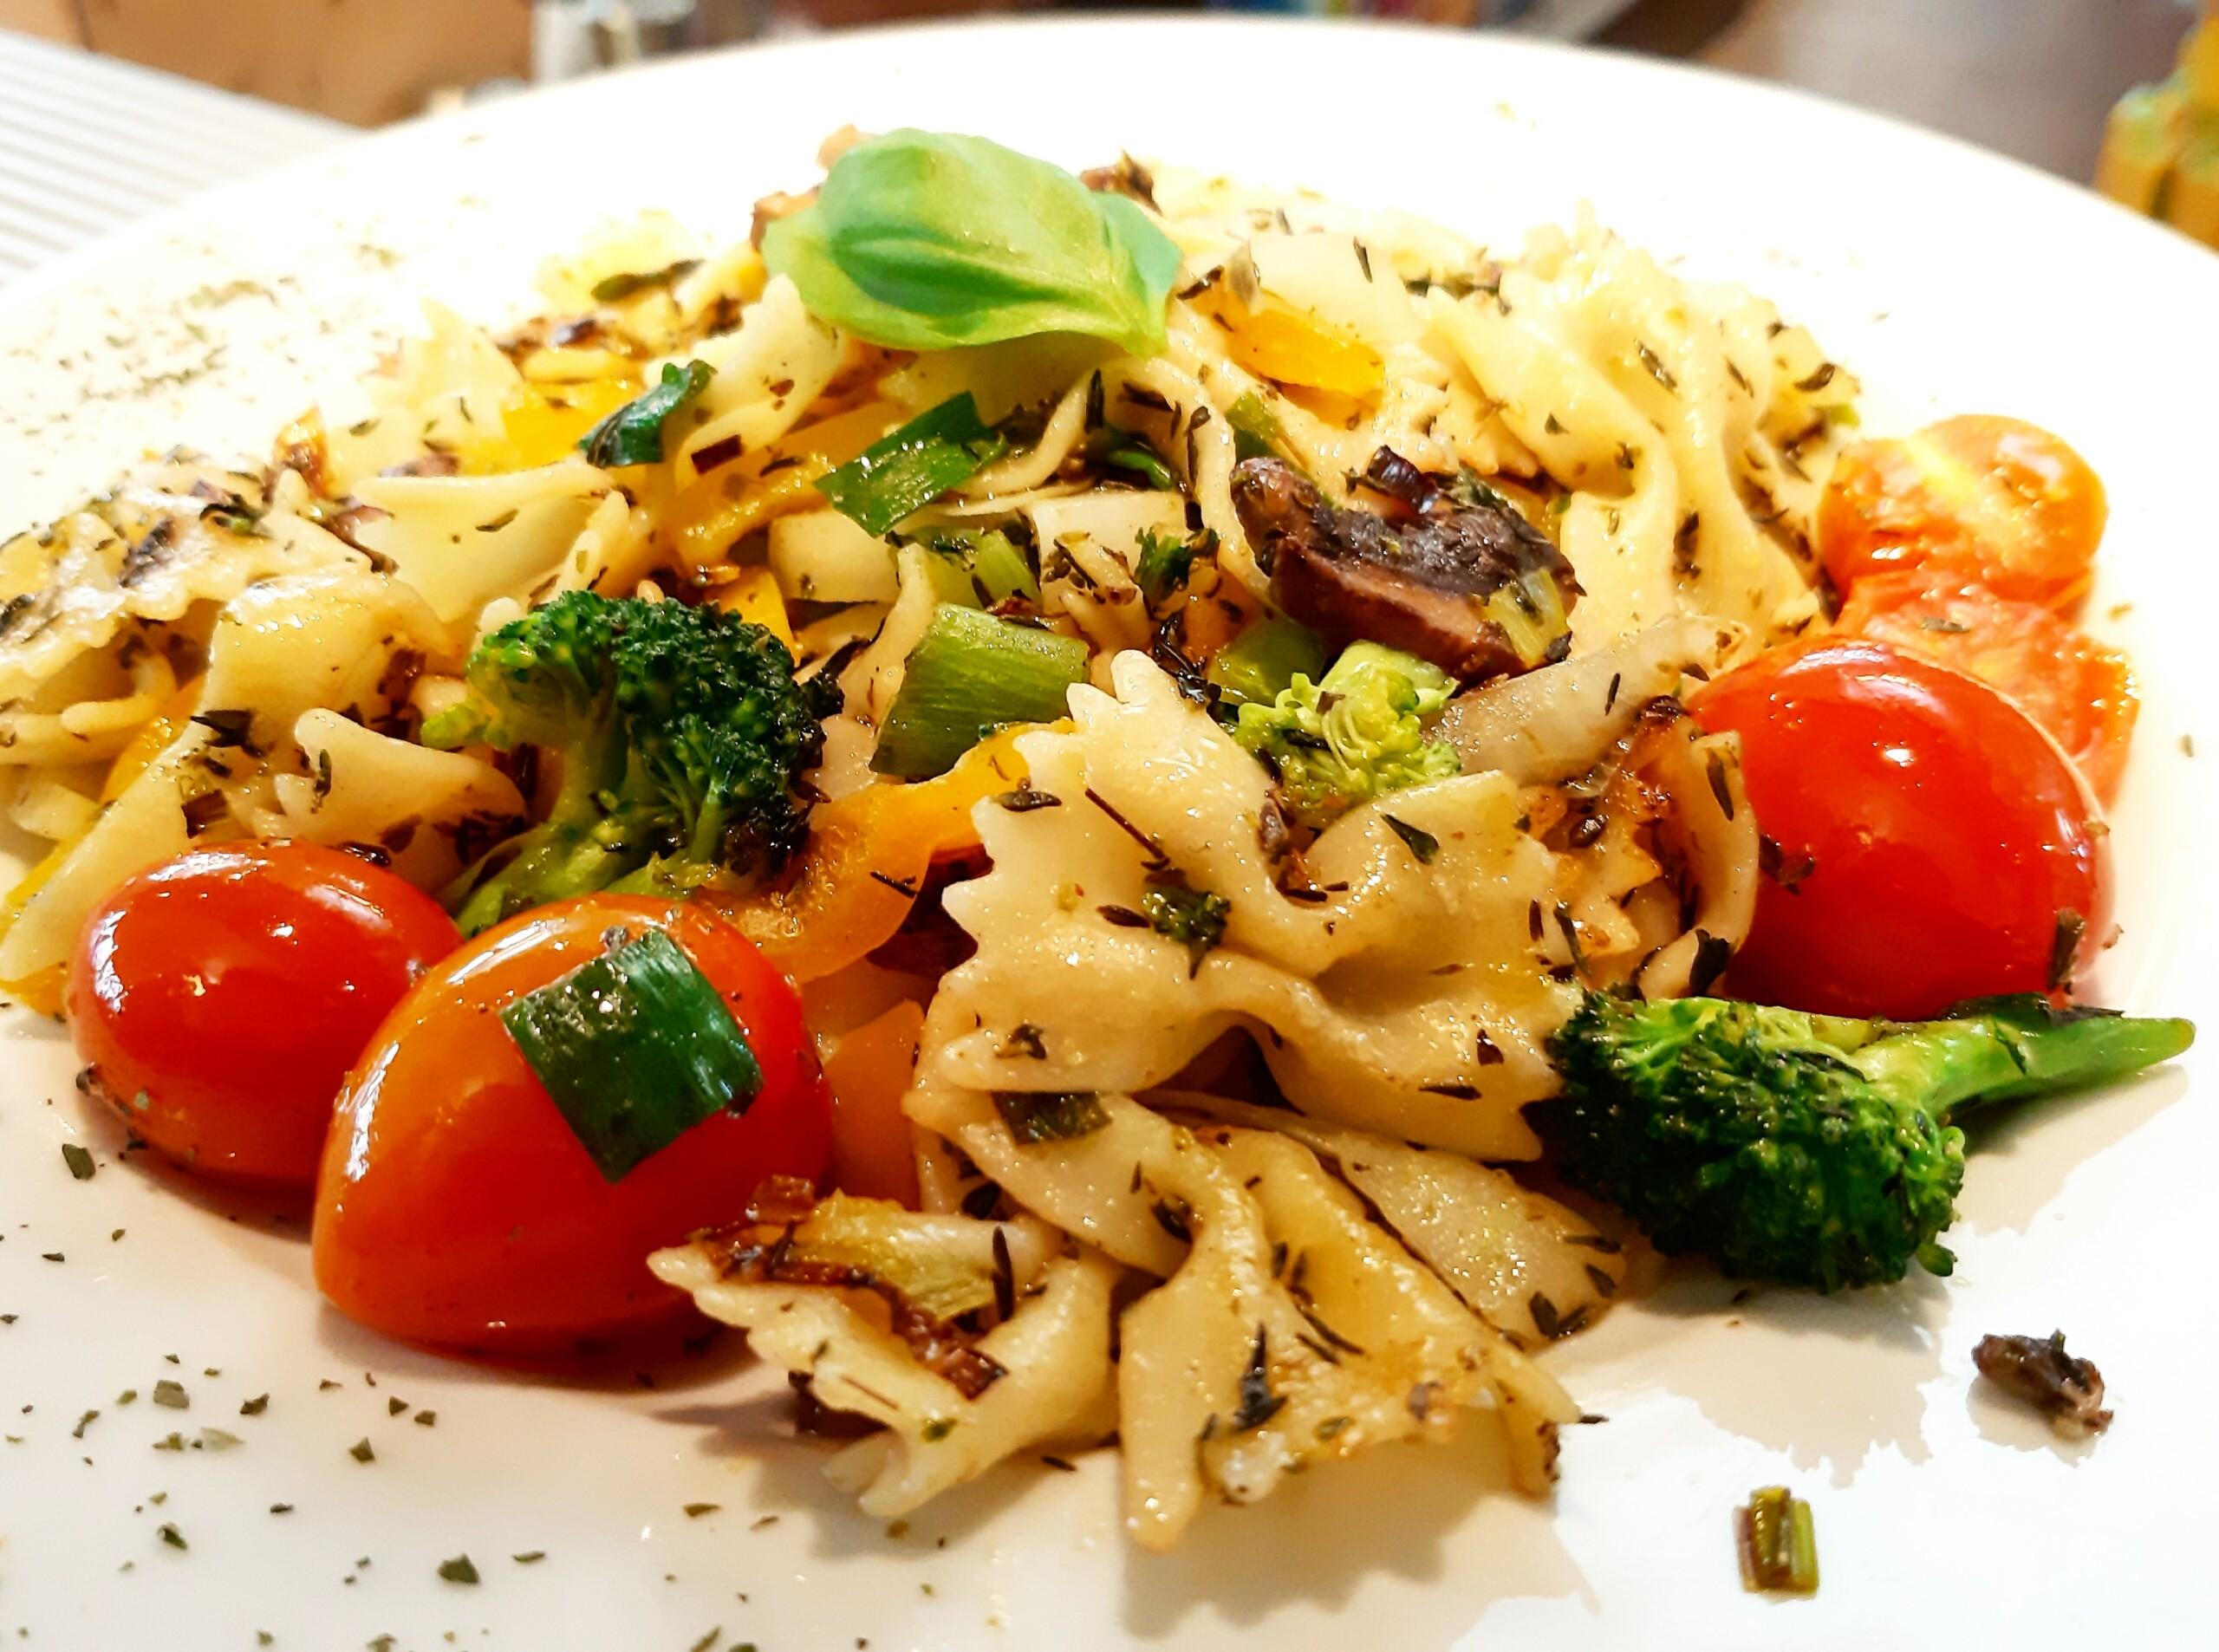 Gemüse Pasta - Mittagstisch Mittagessen Biodelikat Bad Tölz